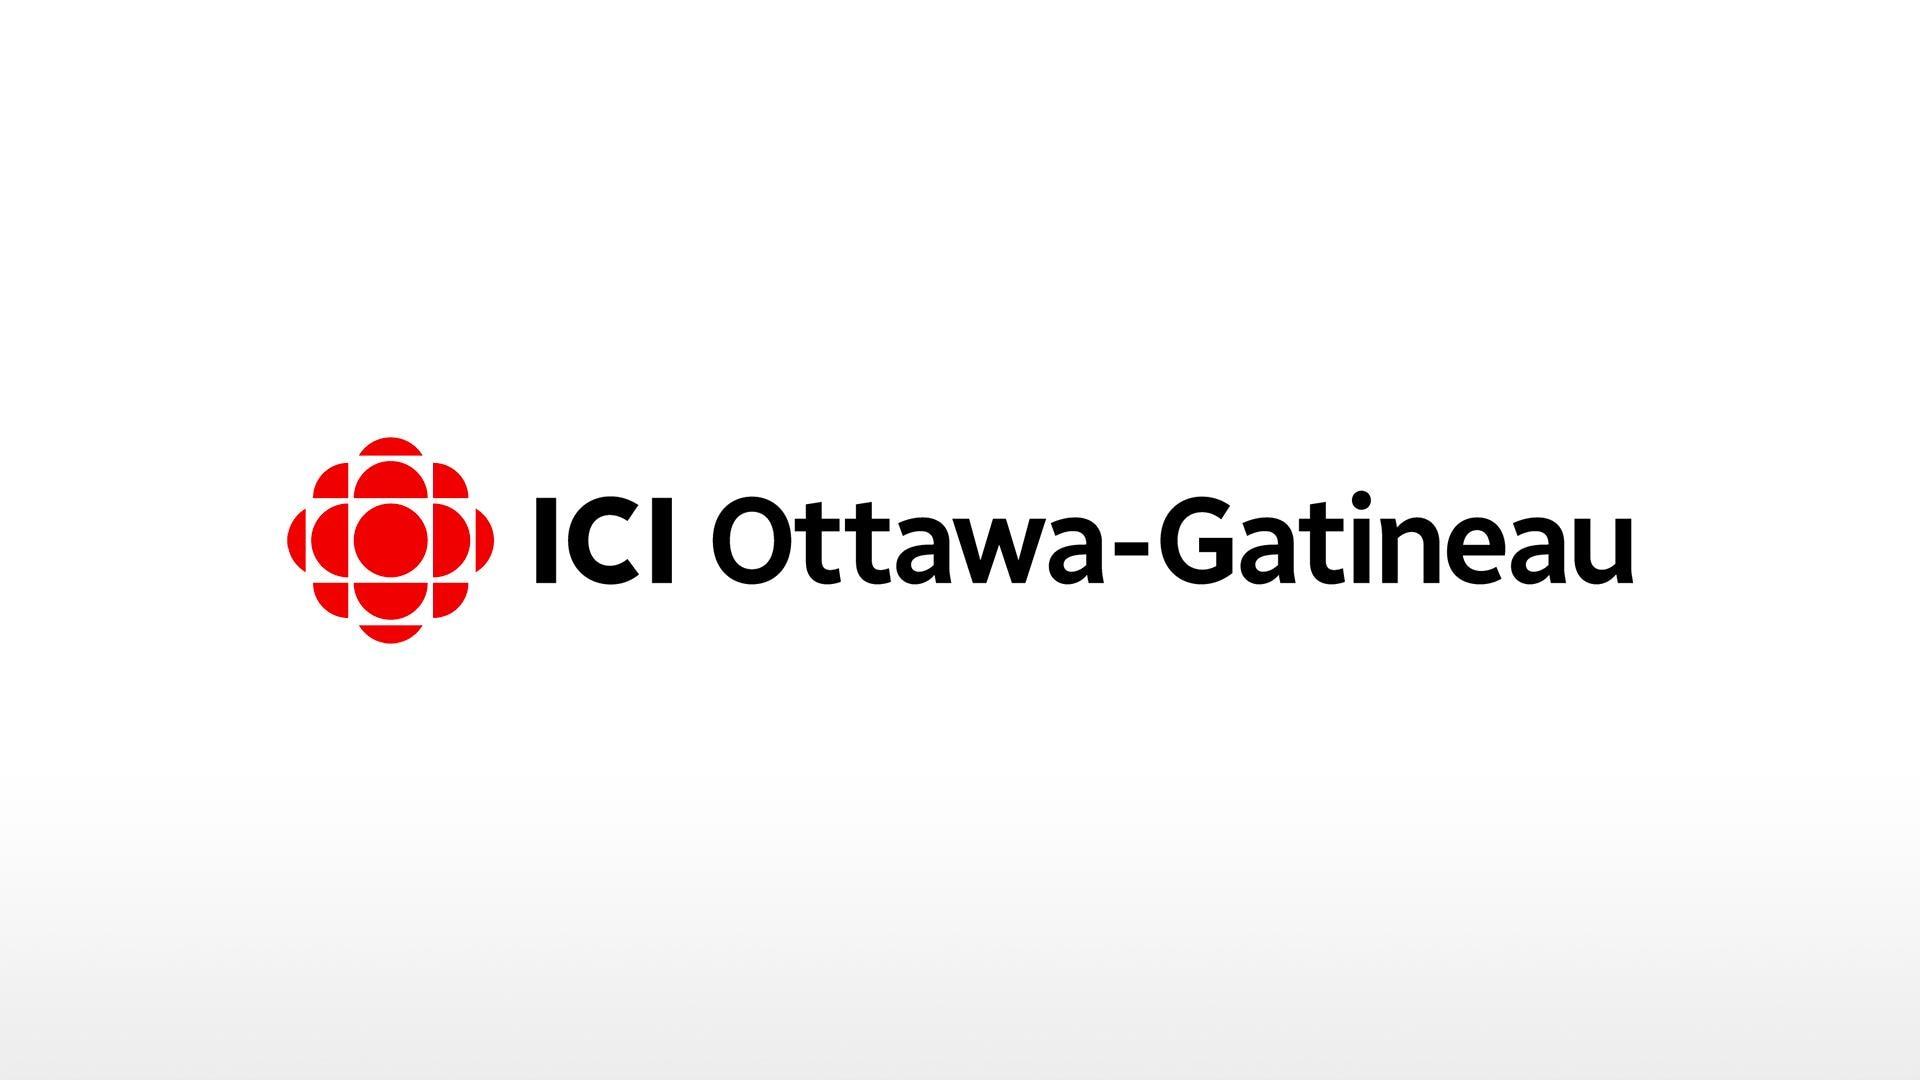 Abonnez-vous pour recevoir chaque jour vos nouvelles régionales d'ICI Ottawa-Gatineau.